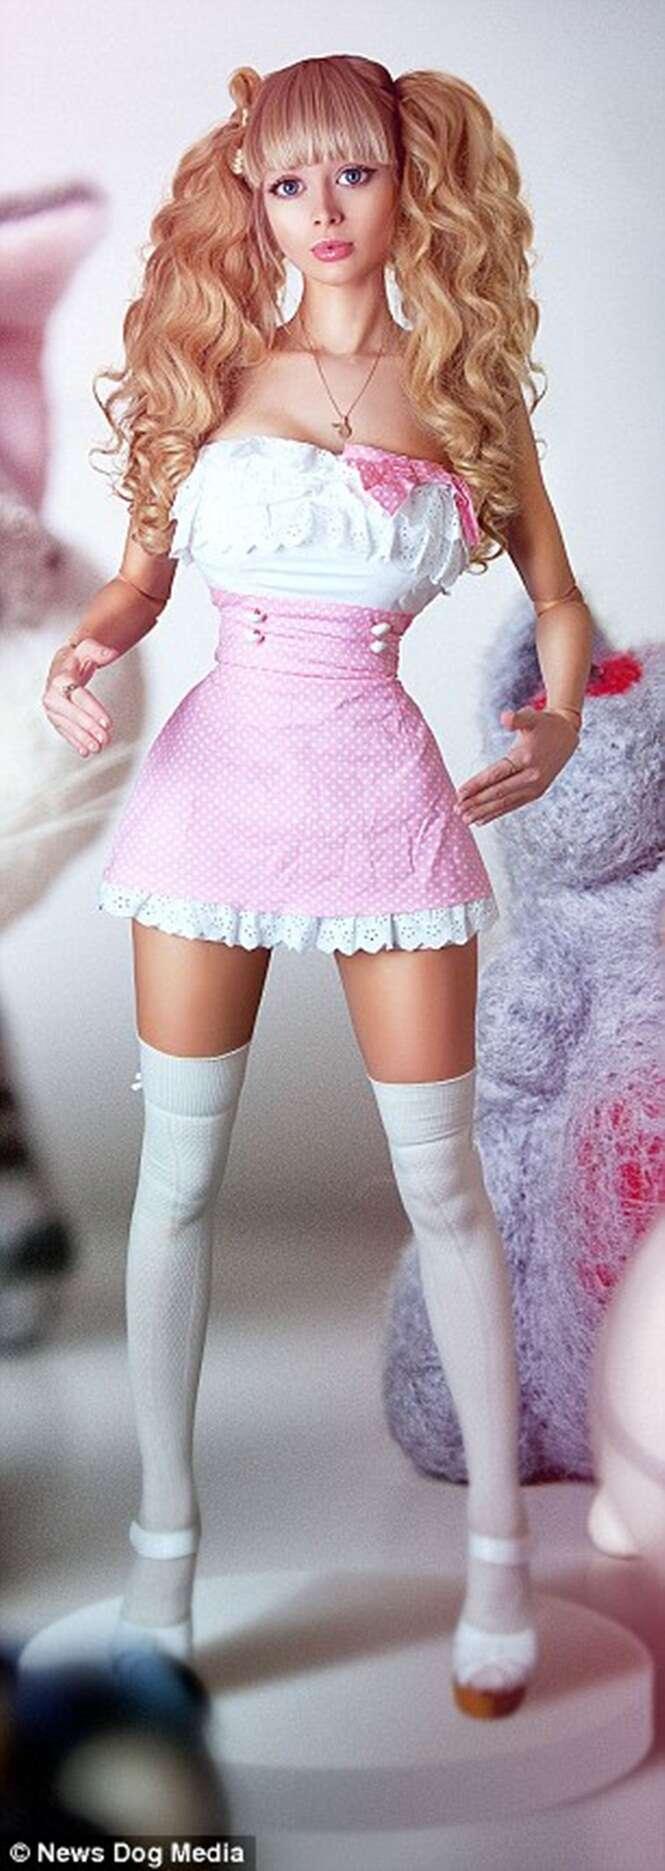 Pais criam filha como boneca Barbie desde seu nascimento